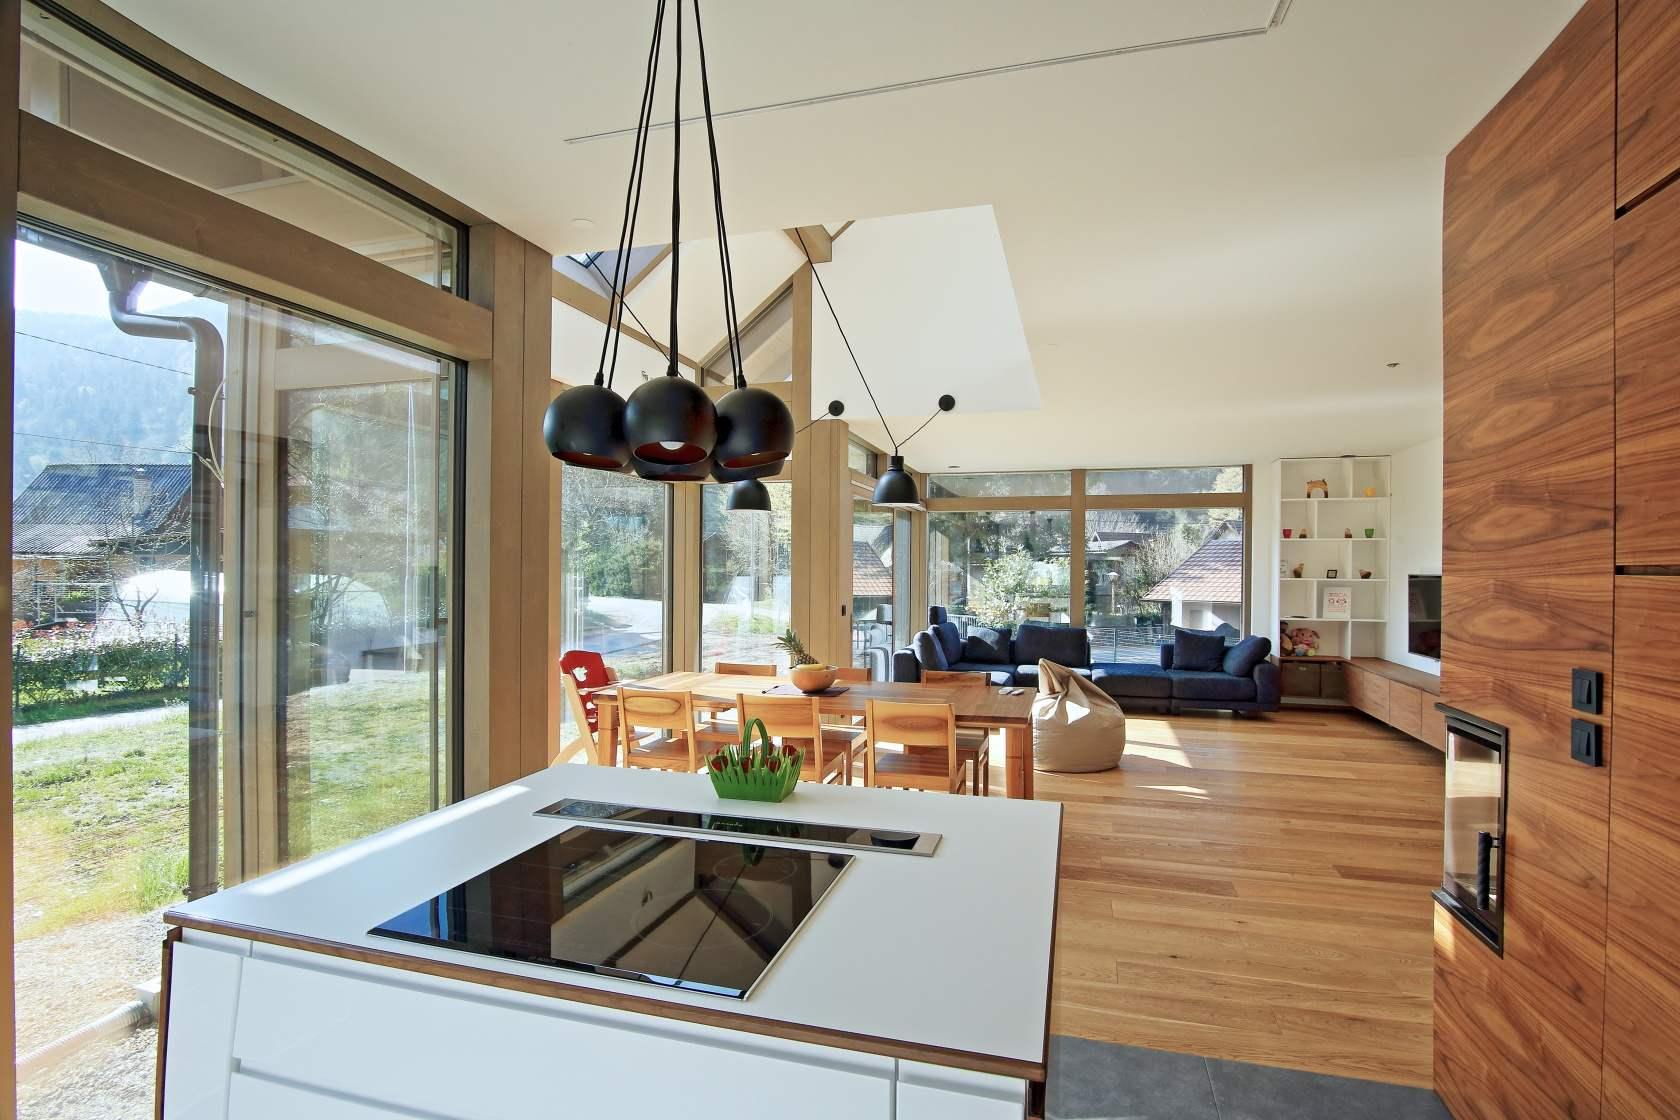 Moderne häuser mit viel glas  Modernes Fachwerkhaus kaufen – modernes Haus mit viel Glas zu ...